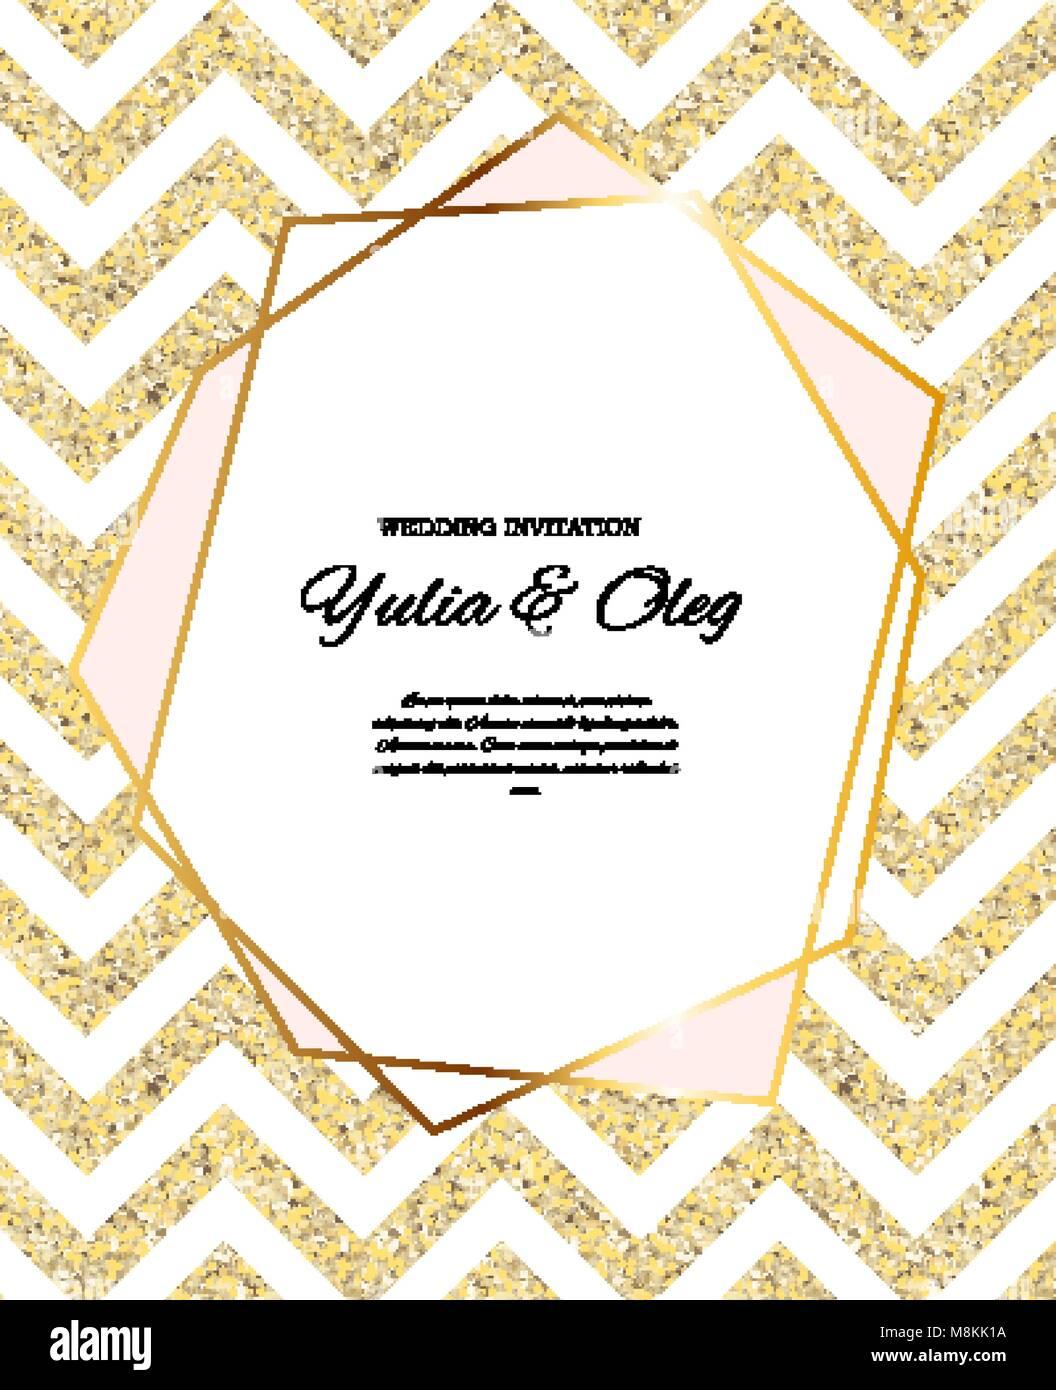 Beautifil Einladung Hochzeit Mit Goldenen Glitzer Hintergrund Vector  Illustration